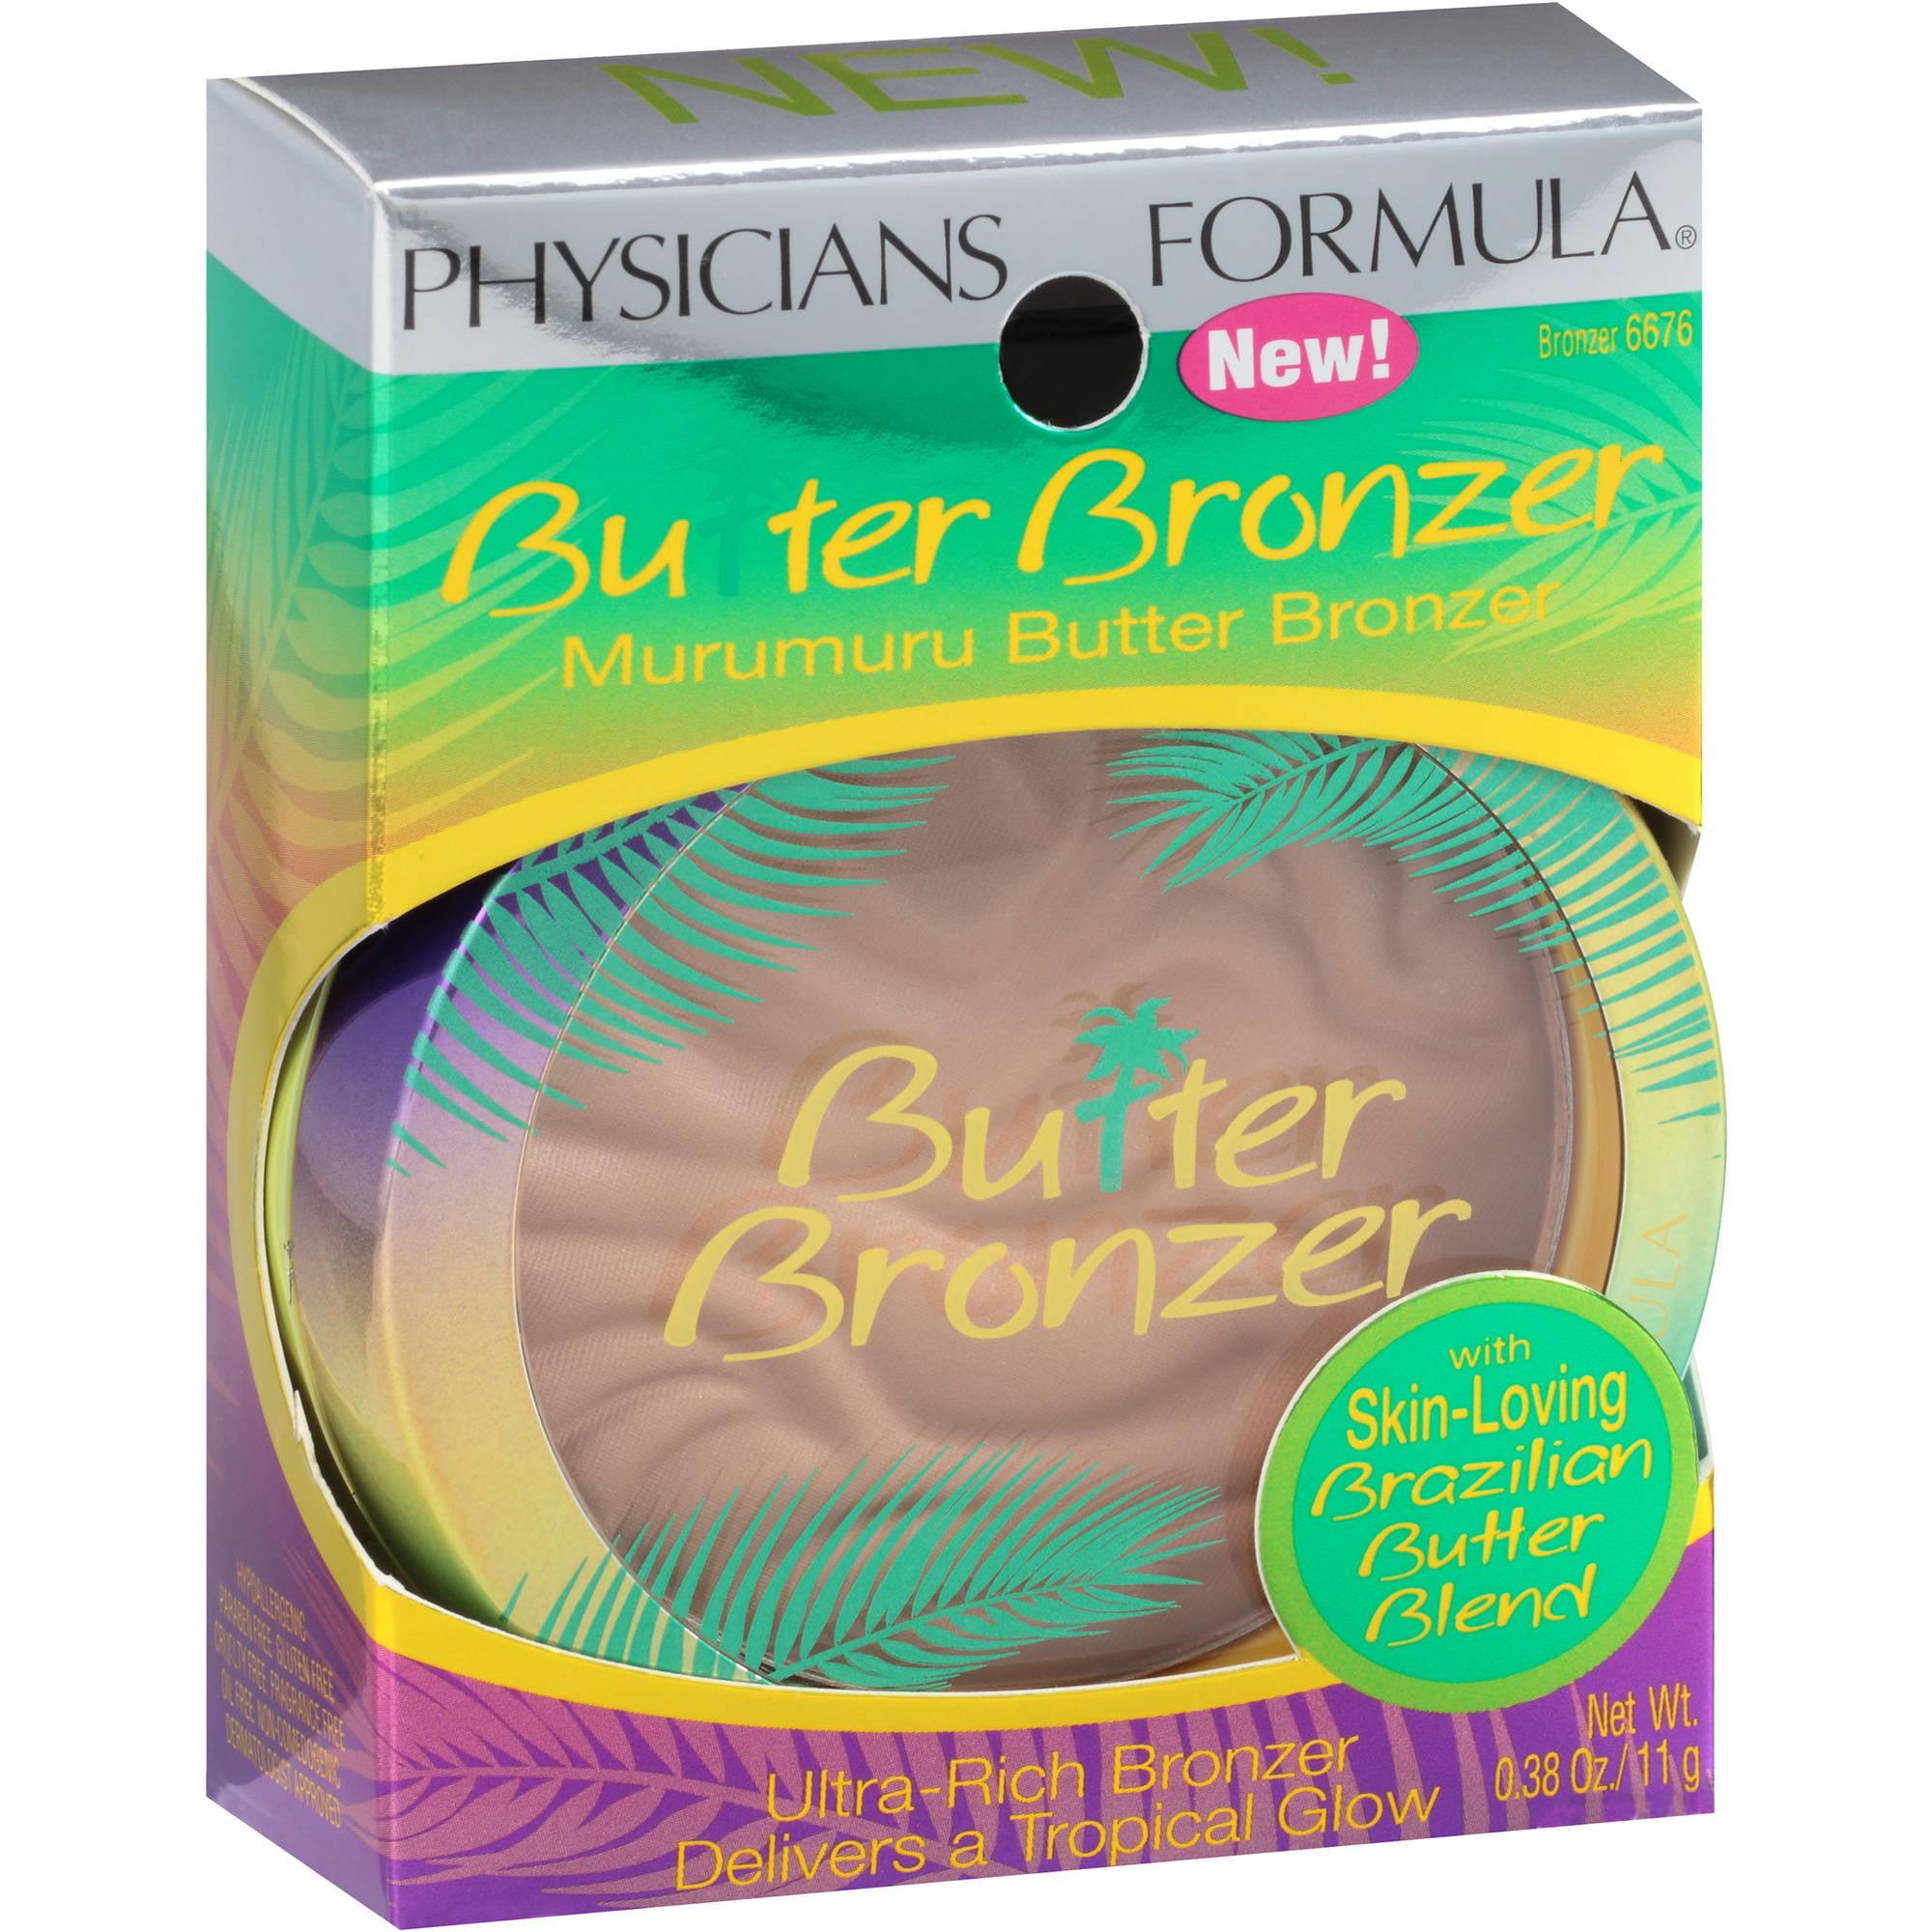 Physicians Formula Butter Bronzer Murumuru Butter Bronzer, 6676, 0.38 oz